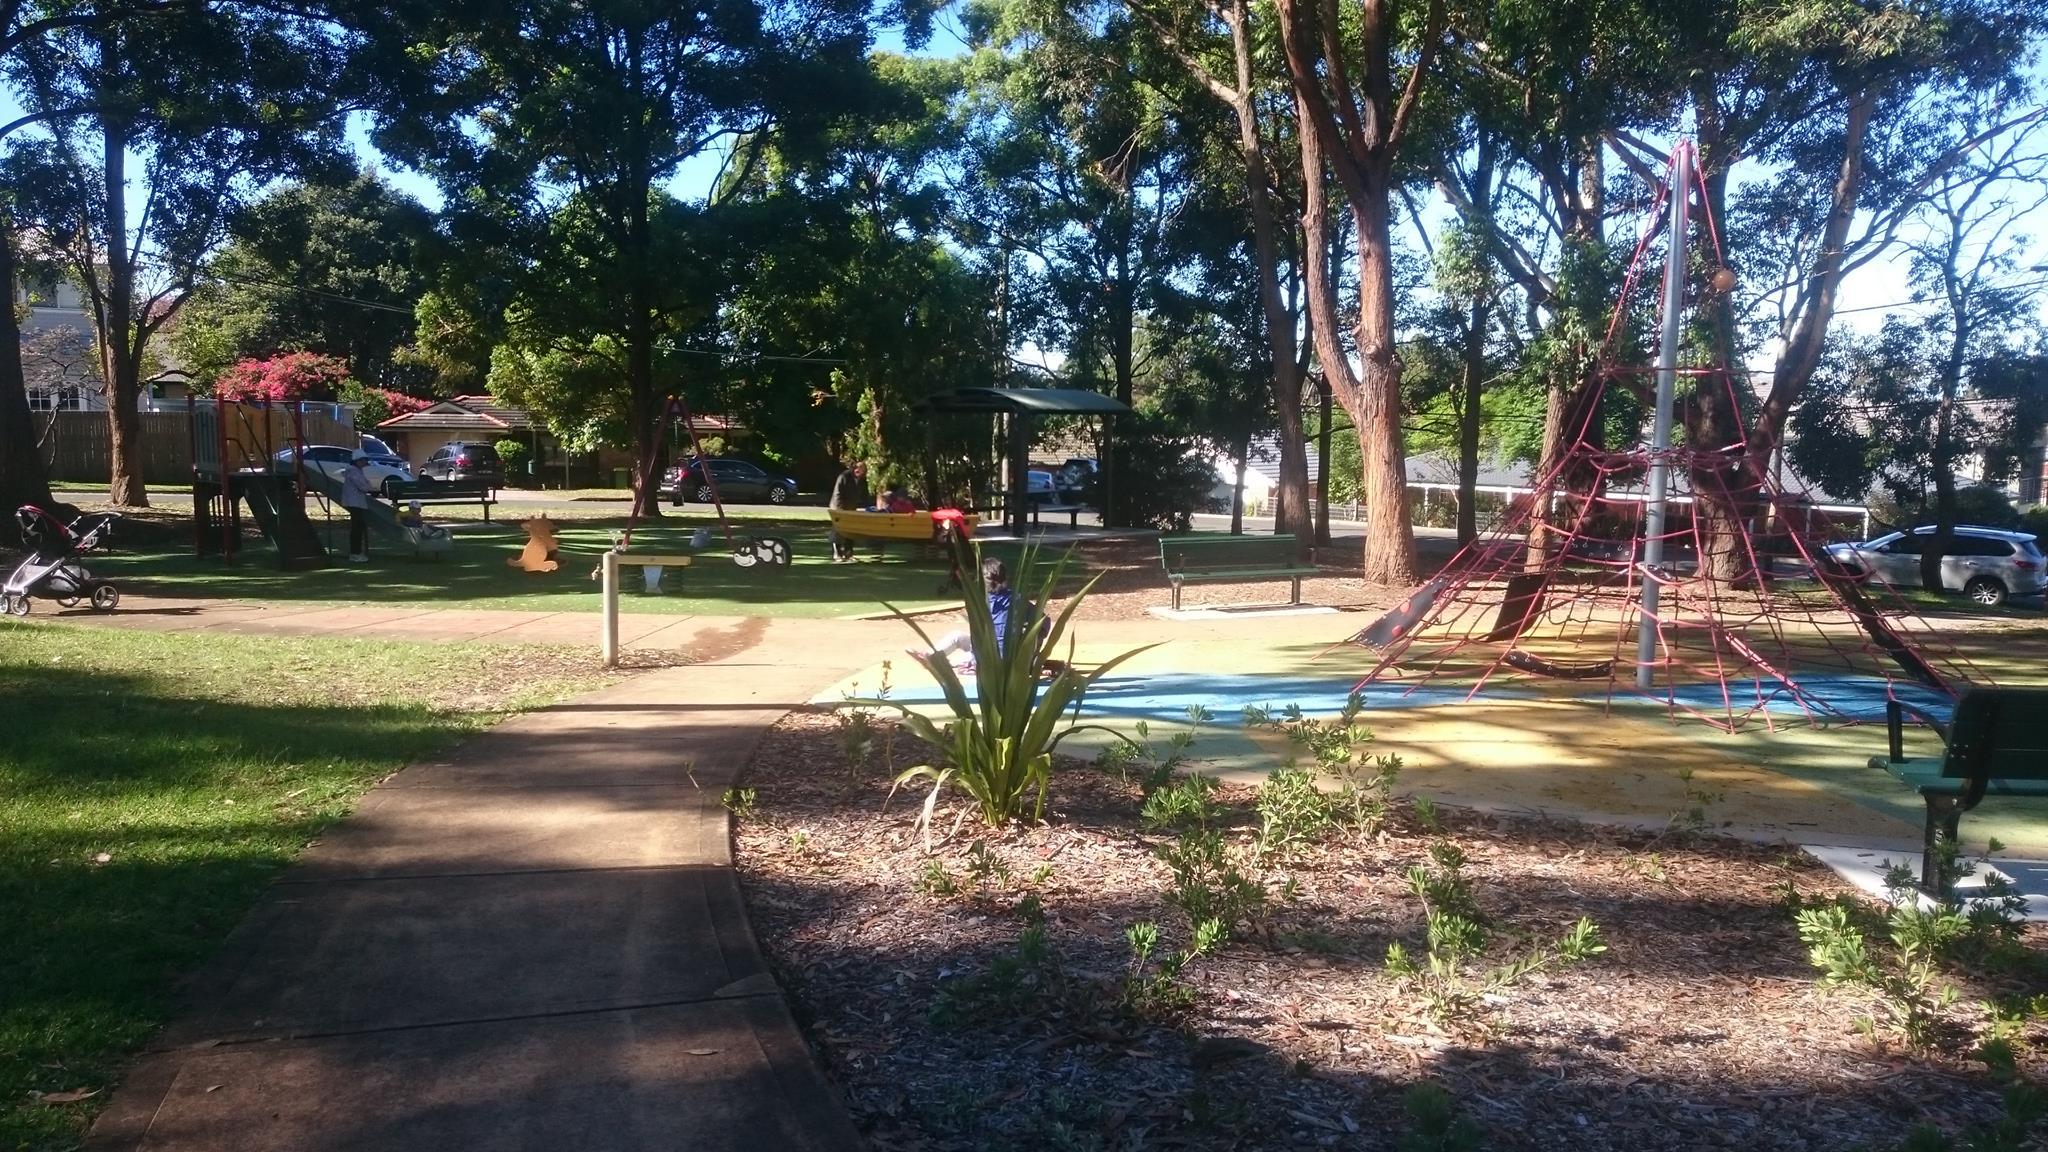 Landscape Garden Epping : Loftus square park epping parraparents